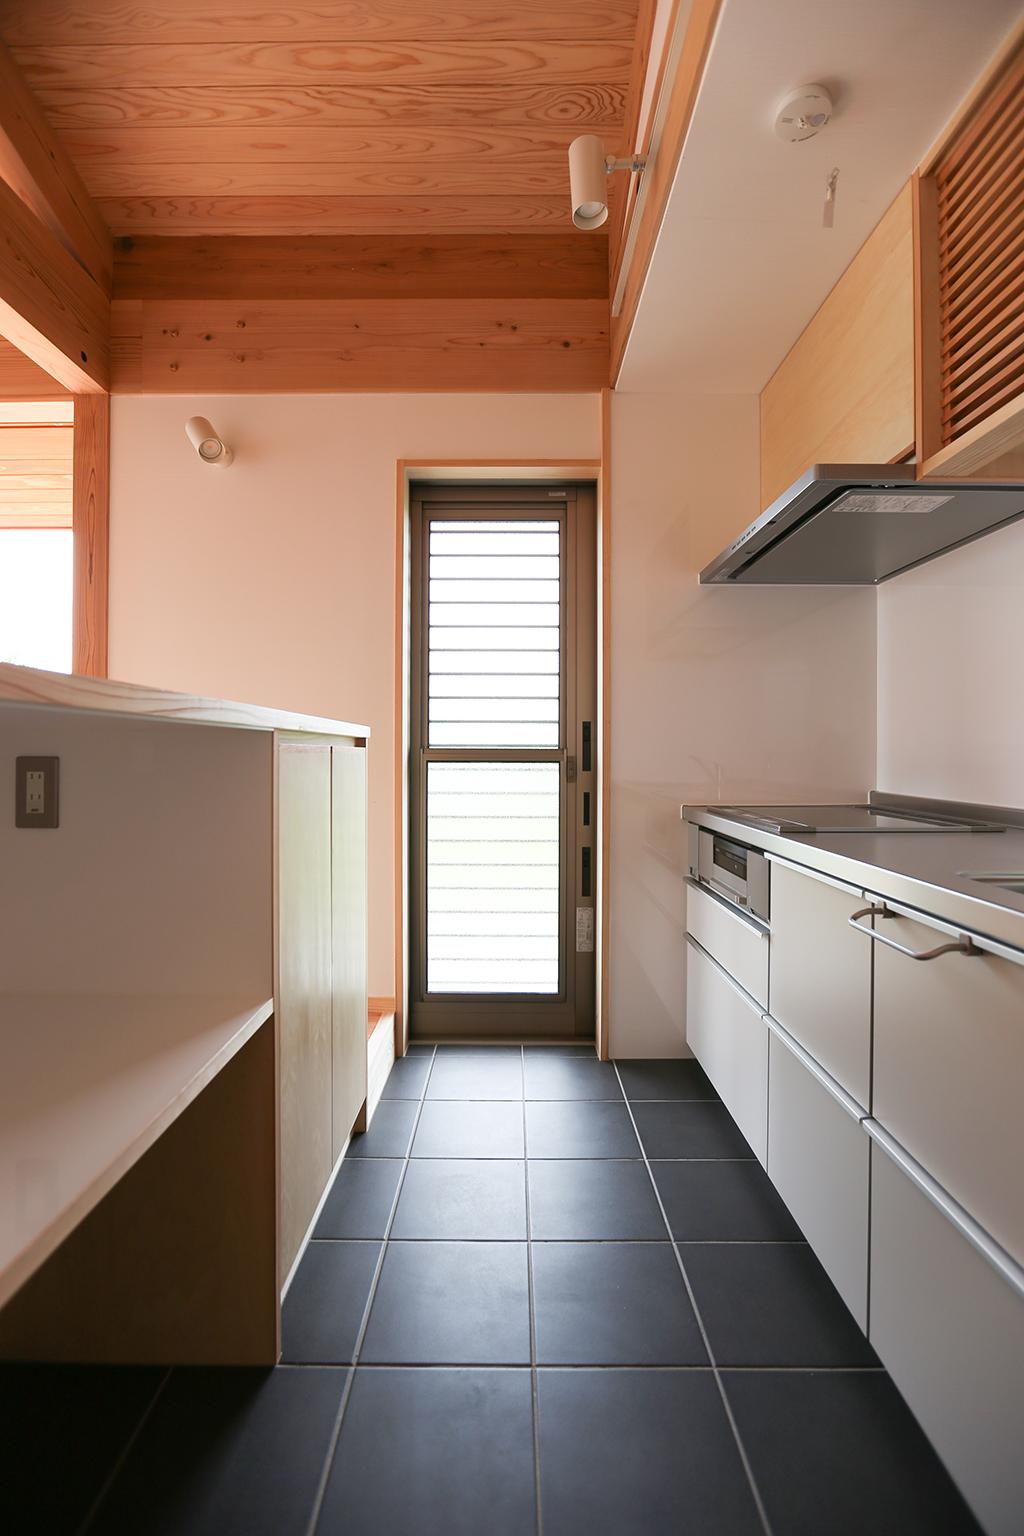 姫路市の木の家 土間のキッチン